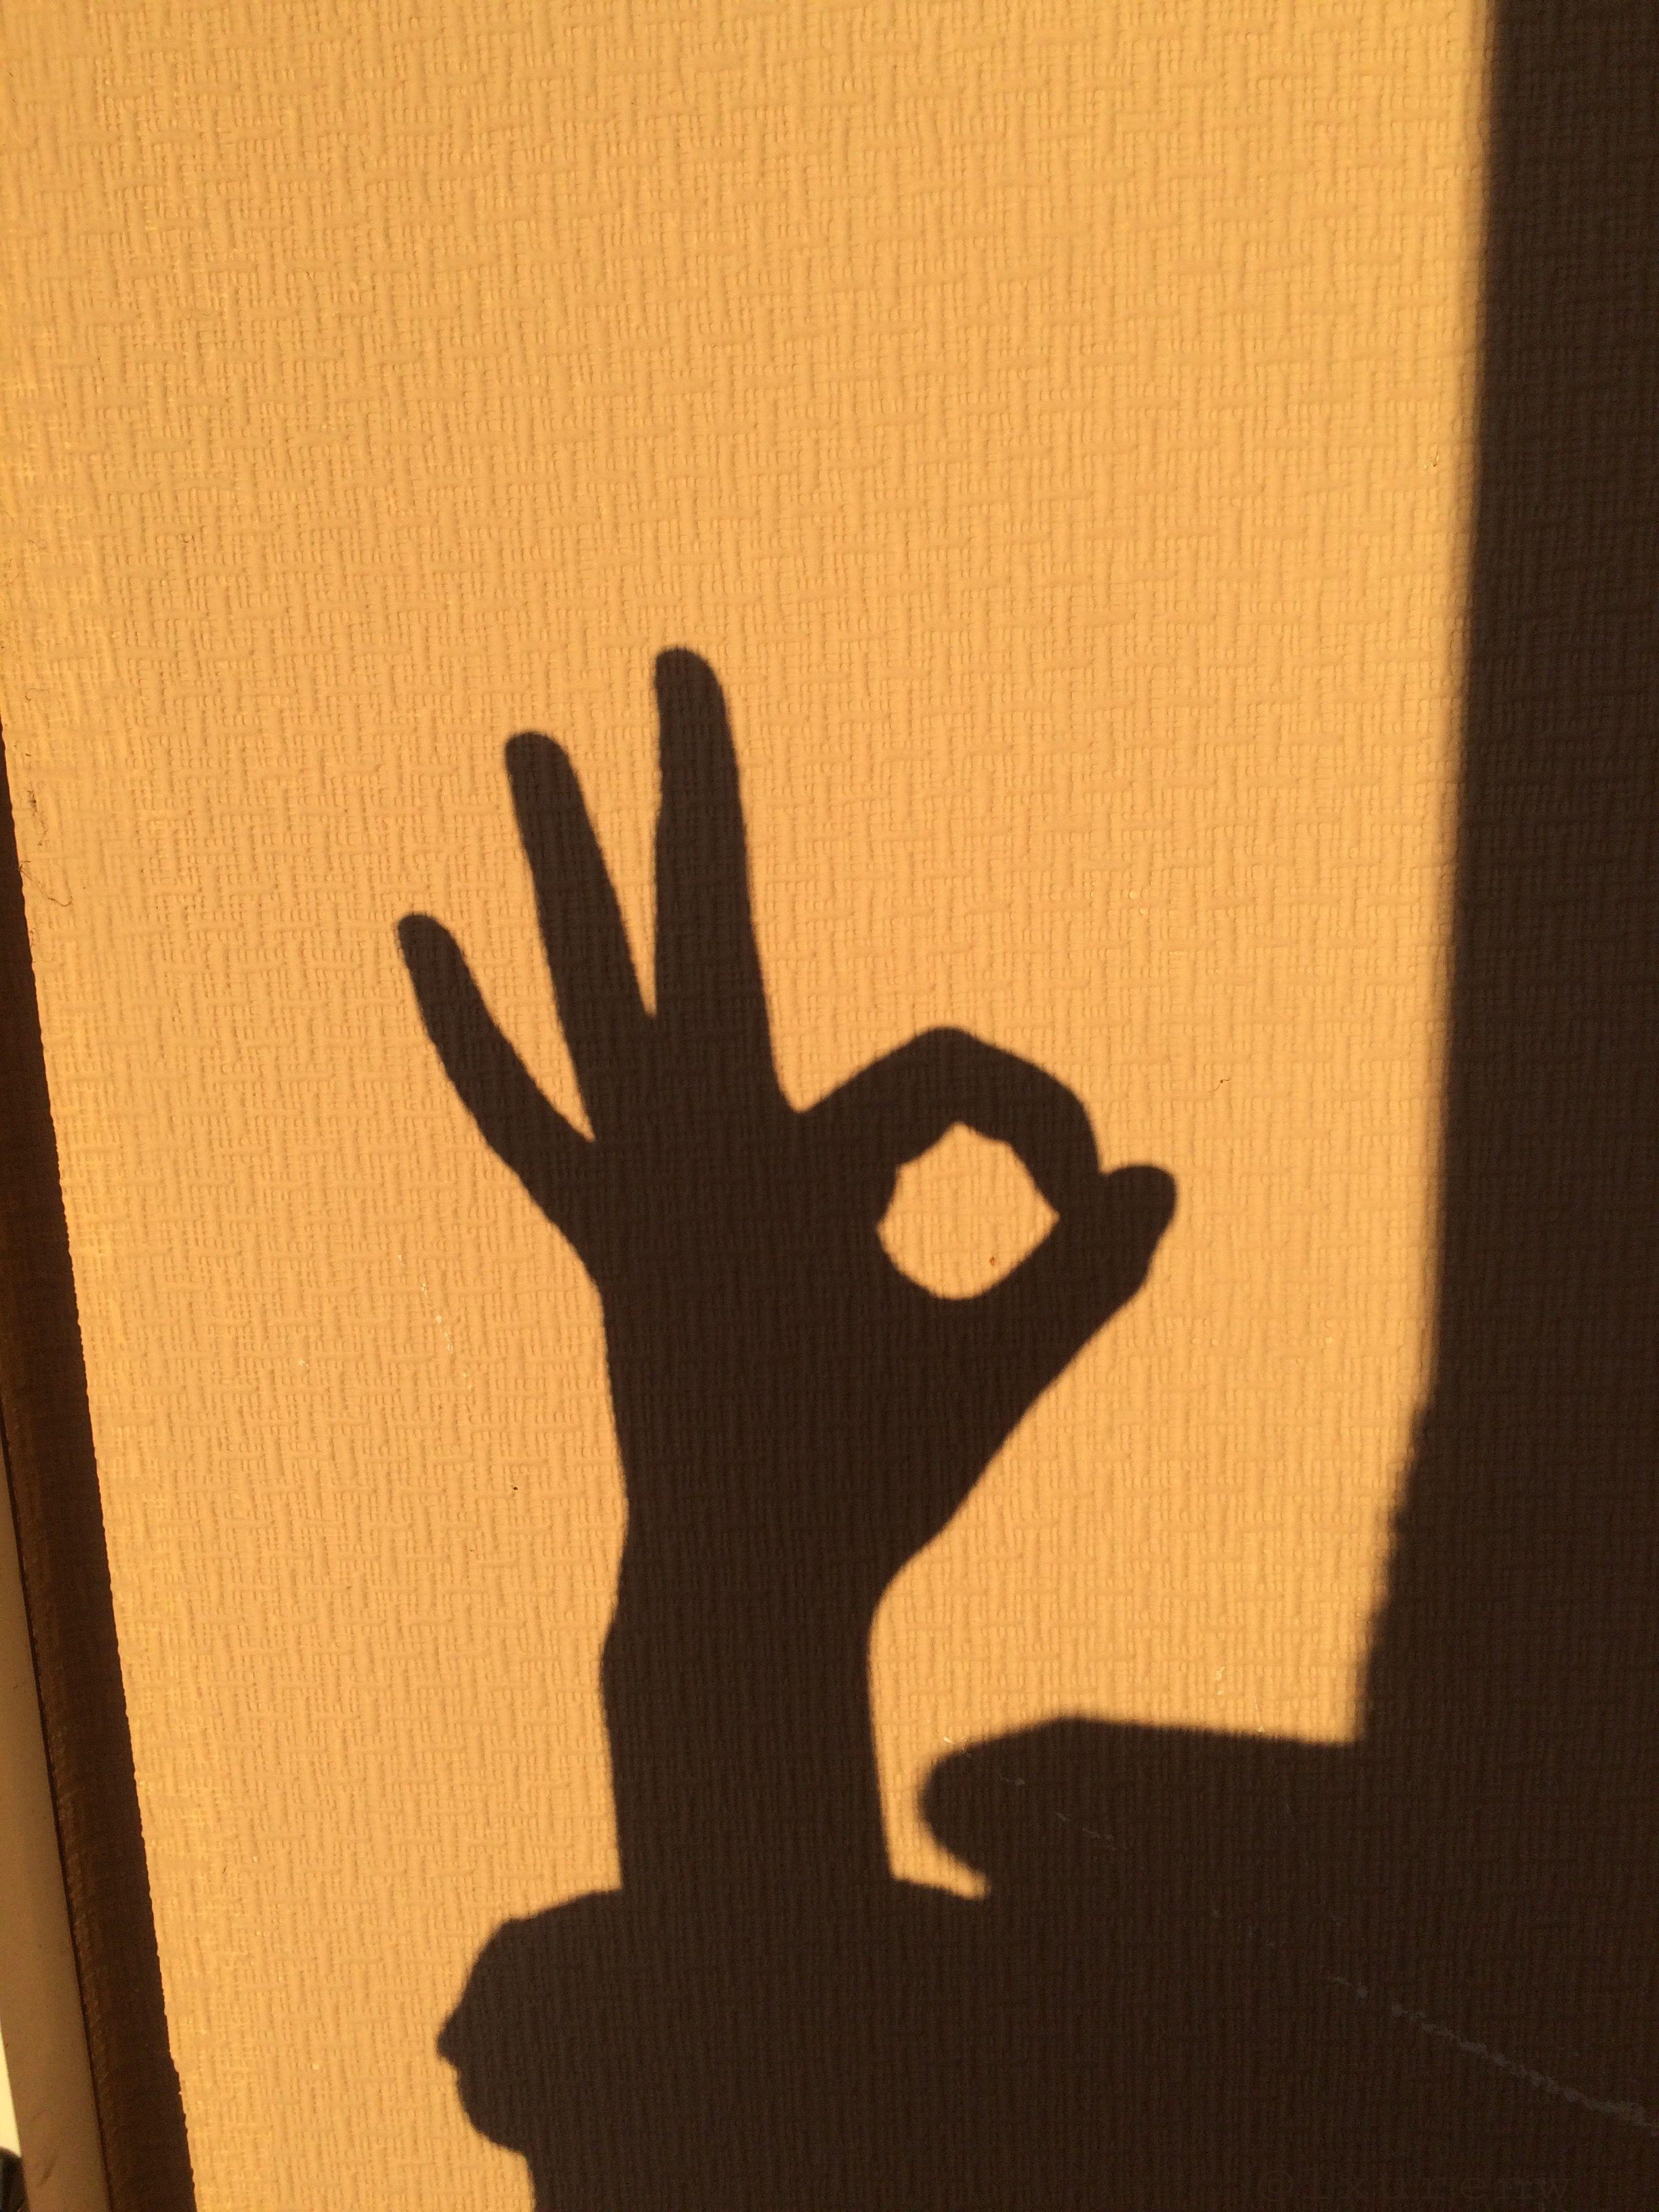 Jvous En Doit Une Foto Abstrak Fotografi Pemandangan